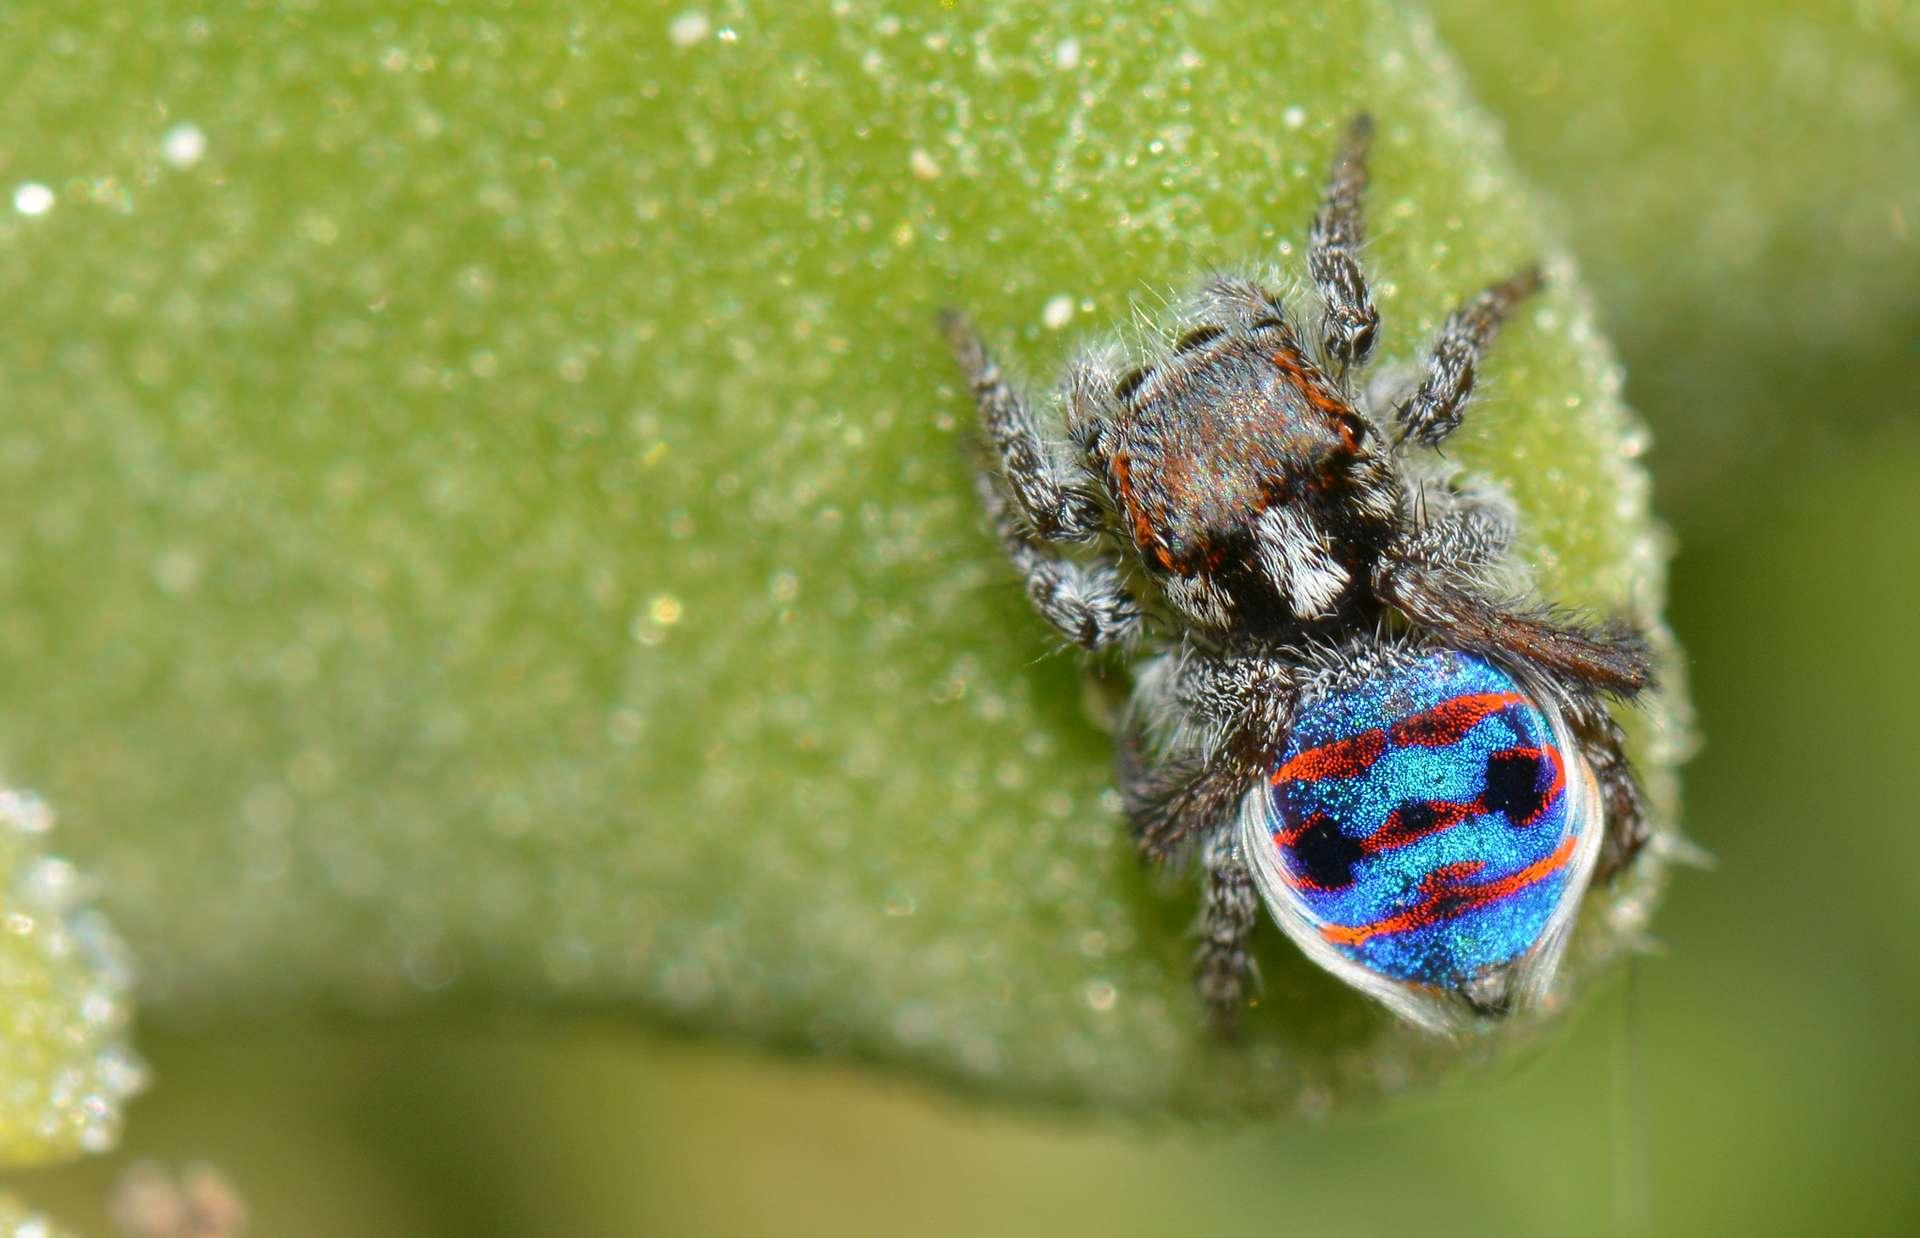 L'araignée paon Maratus speciosus, endémique de l'Australie, affiche sur son corps des couleurs lumineuses renforcées par des taches super-noires. © Jean and Fred, Flickr, CC By 2.0